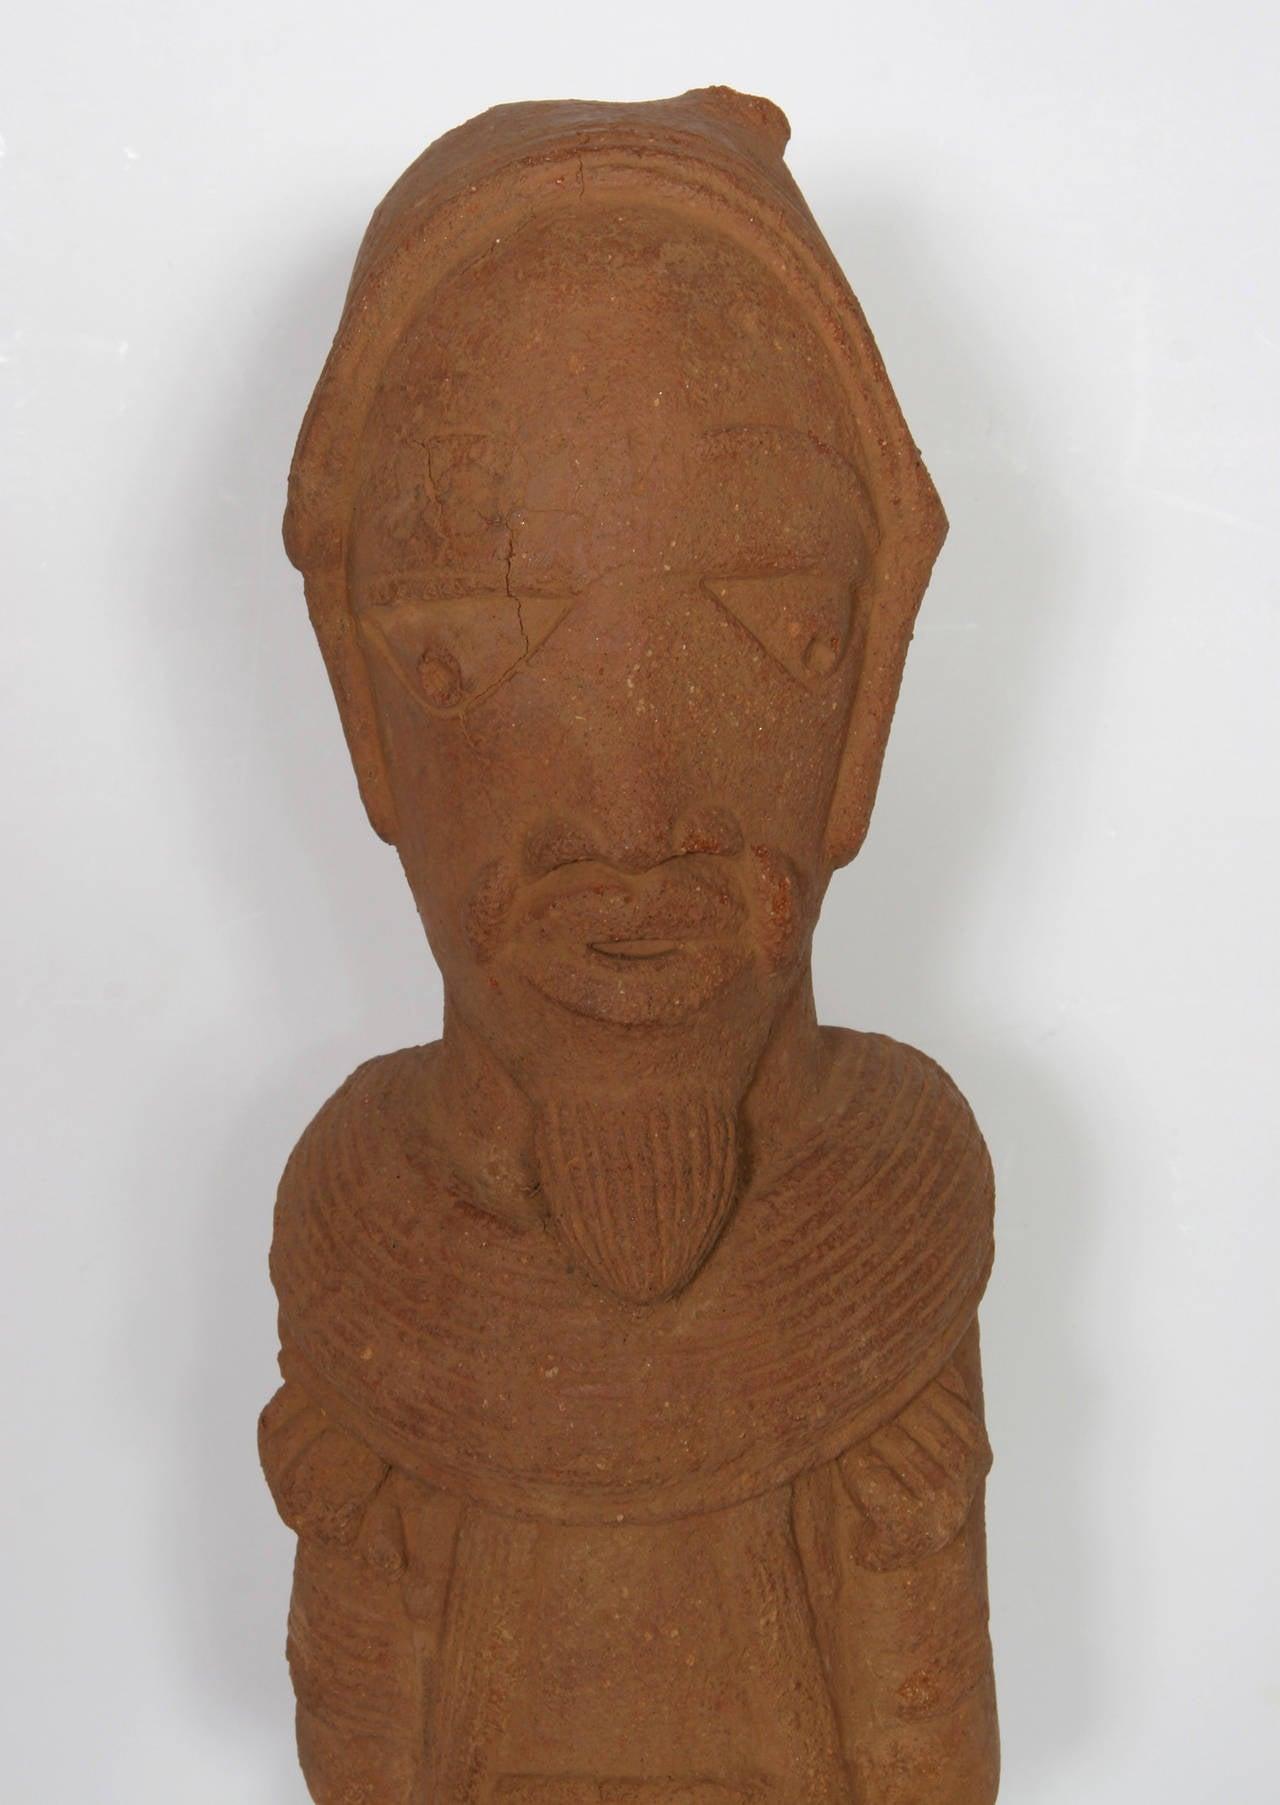 Nok Head Figurine (Nigeria), 500BC-200AD Terra Cotta Sculpture - Black Figurative Sculpture by Unknown